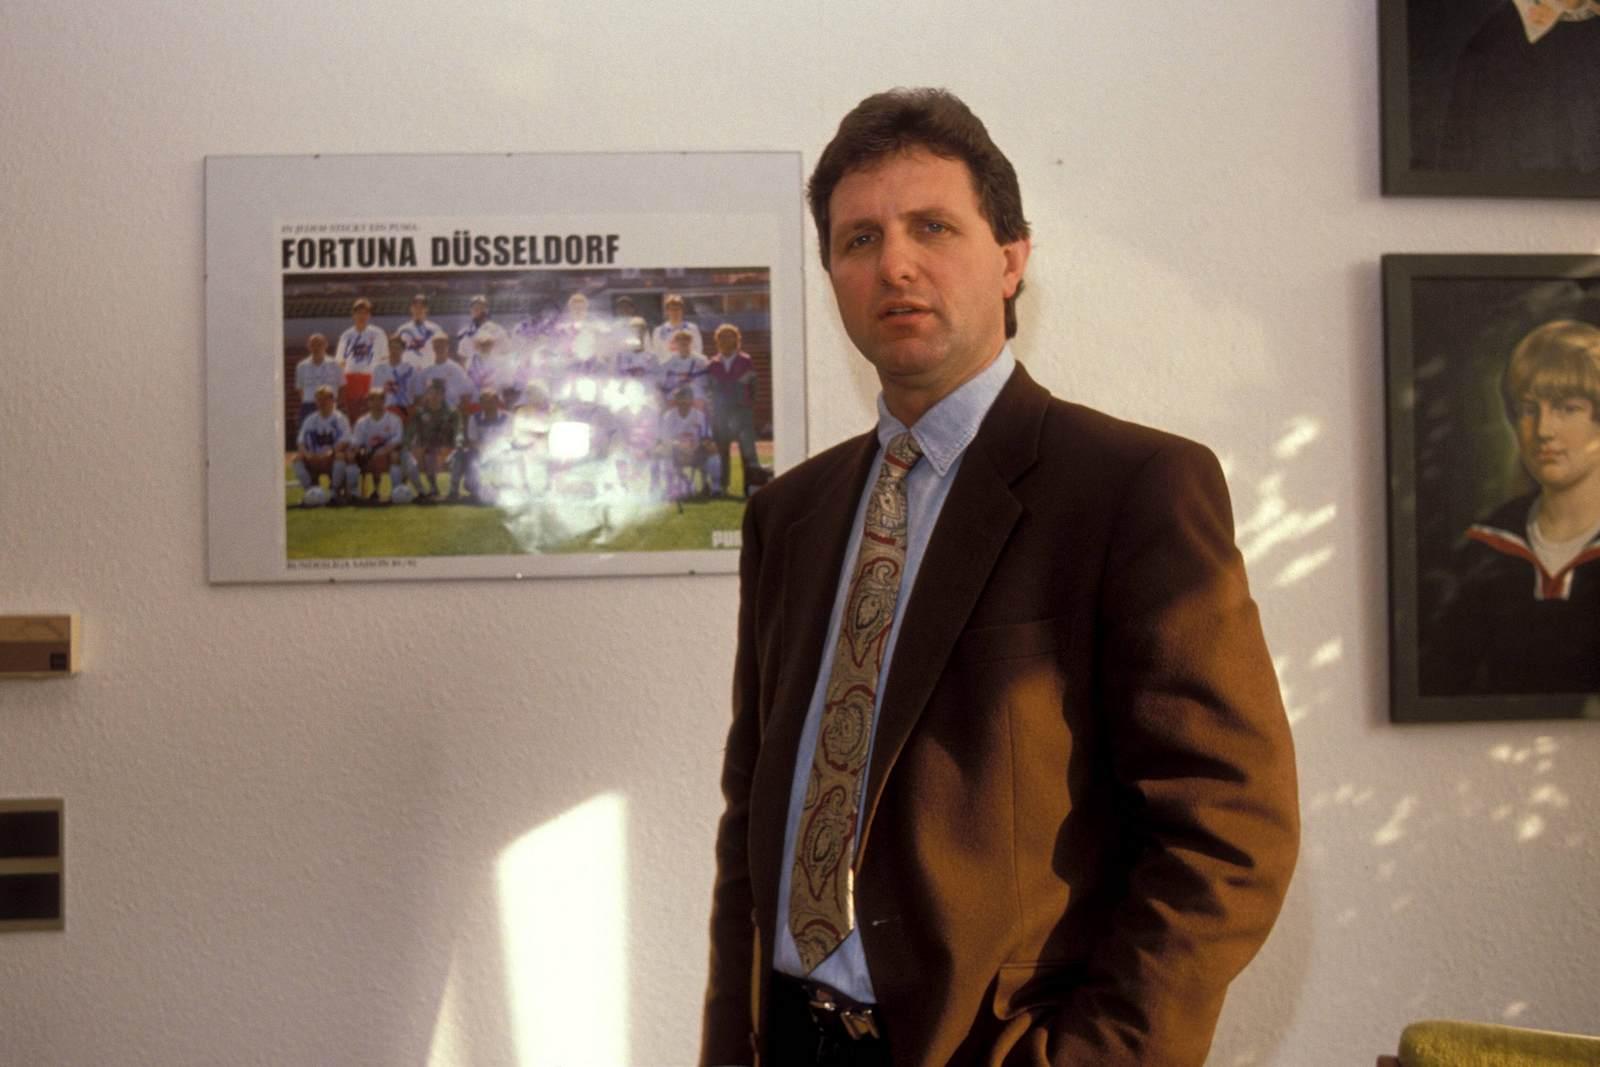 Peter Förster als Präsident von Fortuna Düsseldorf im Jahr 1989